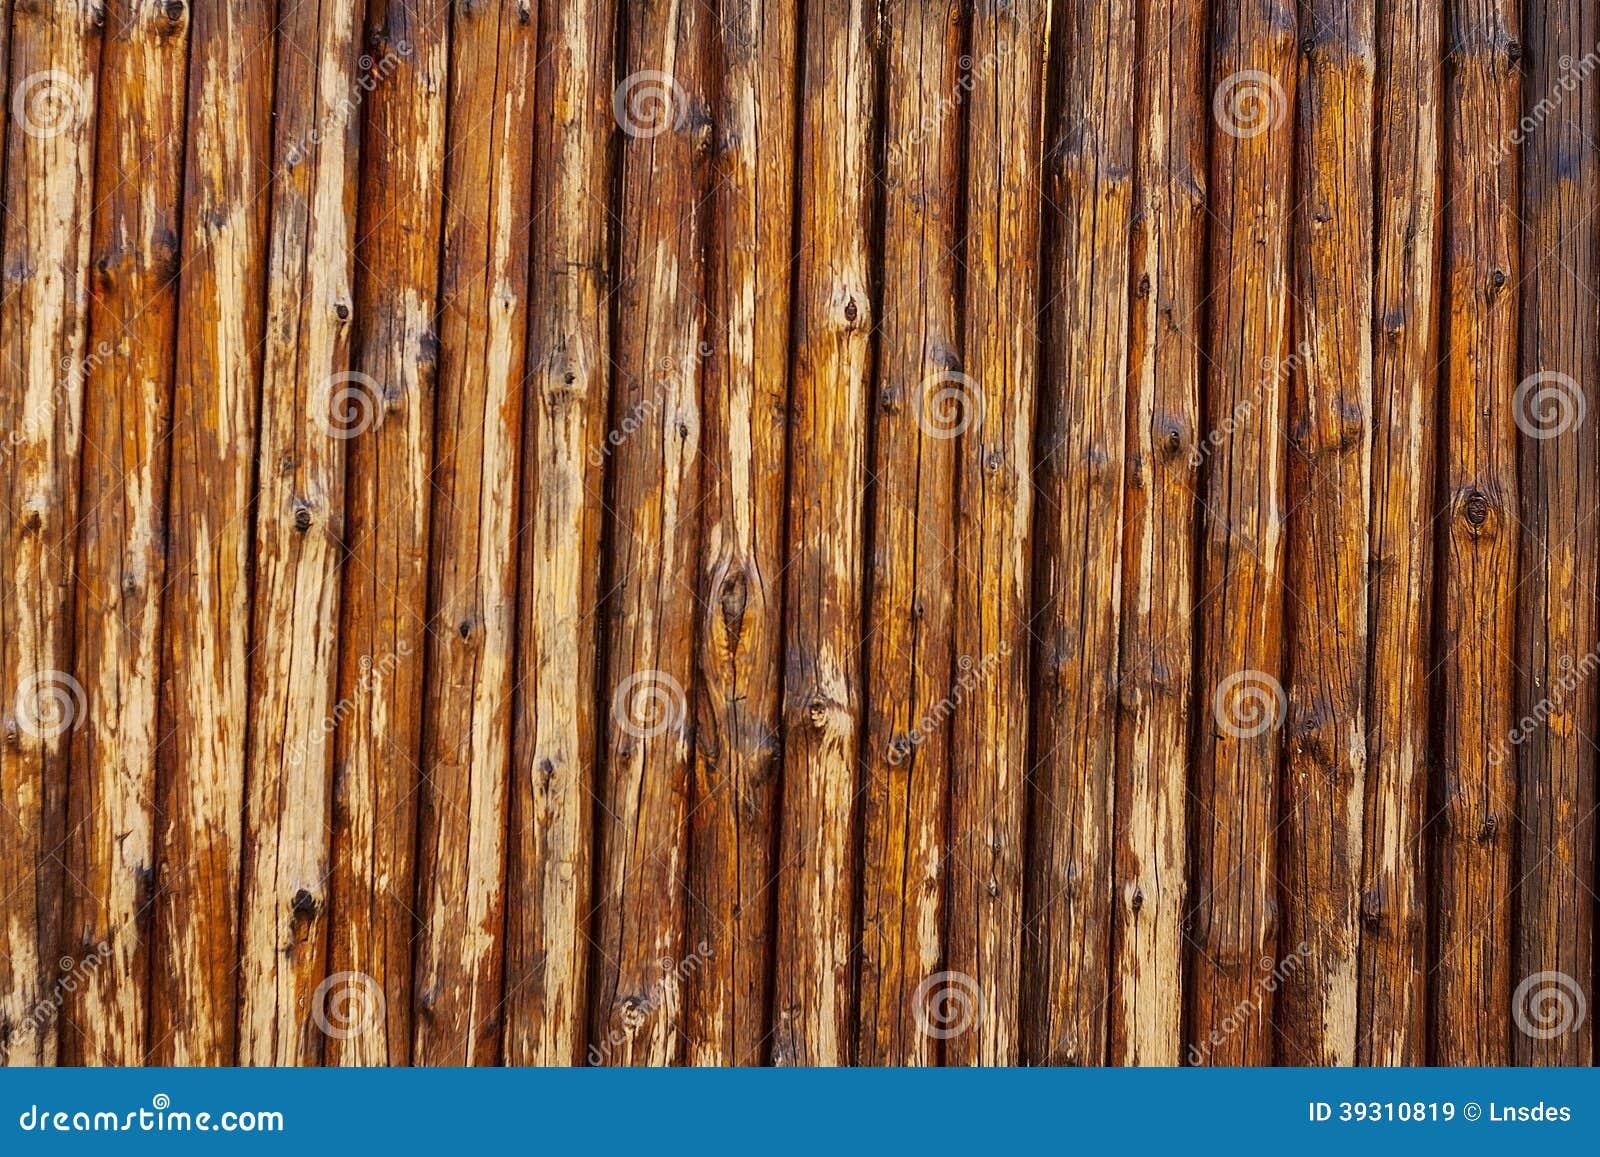 Wood Log Background Stock Photo Image 39310819